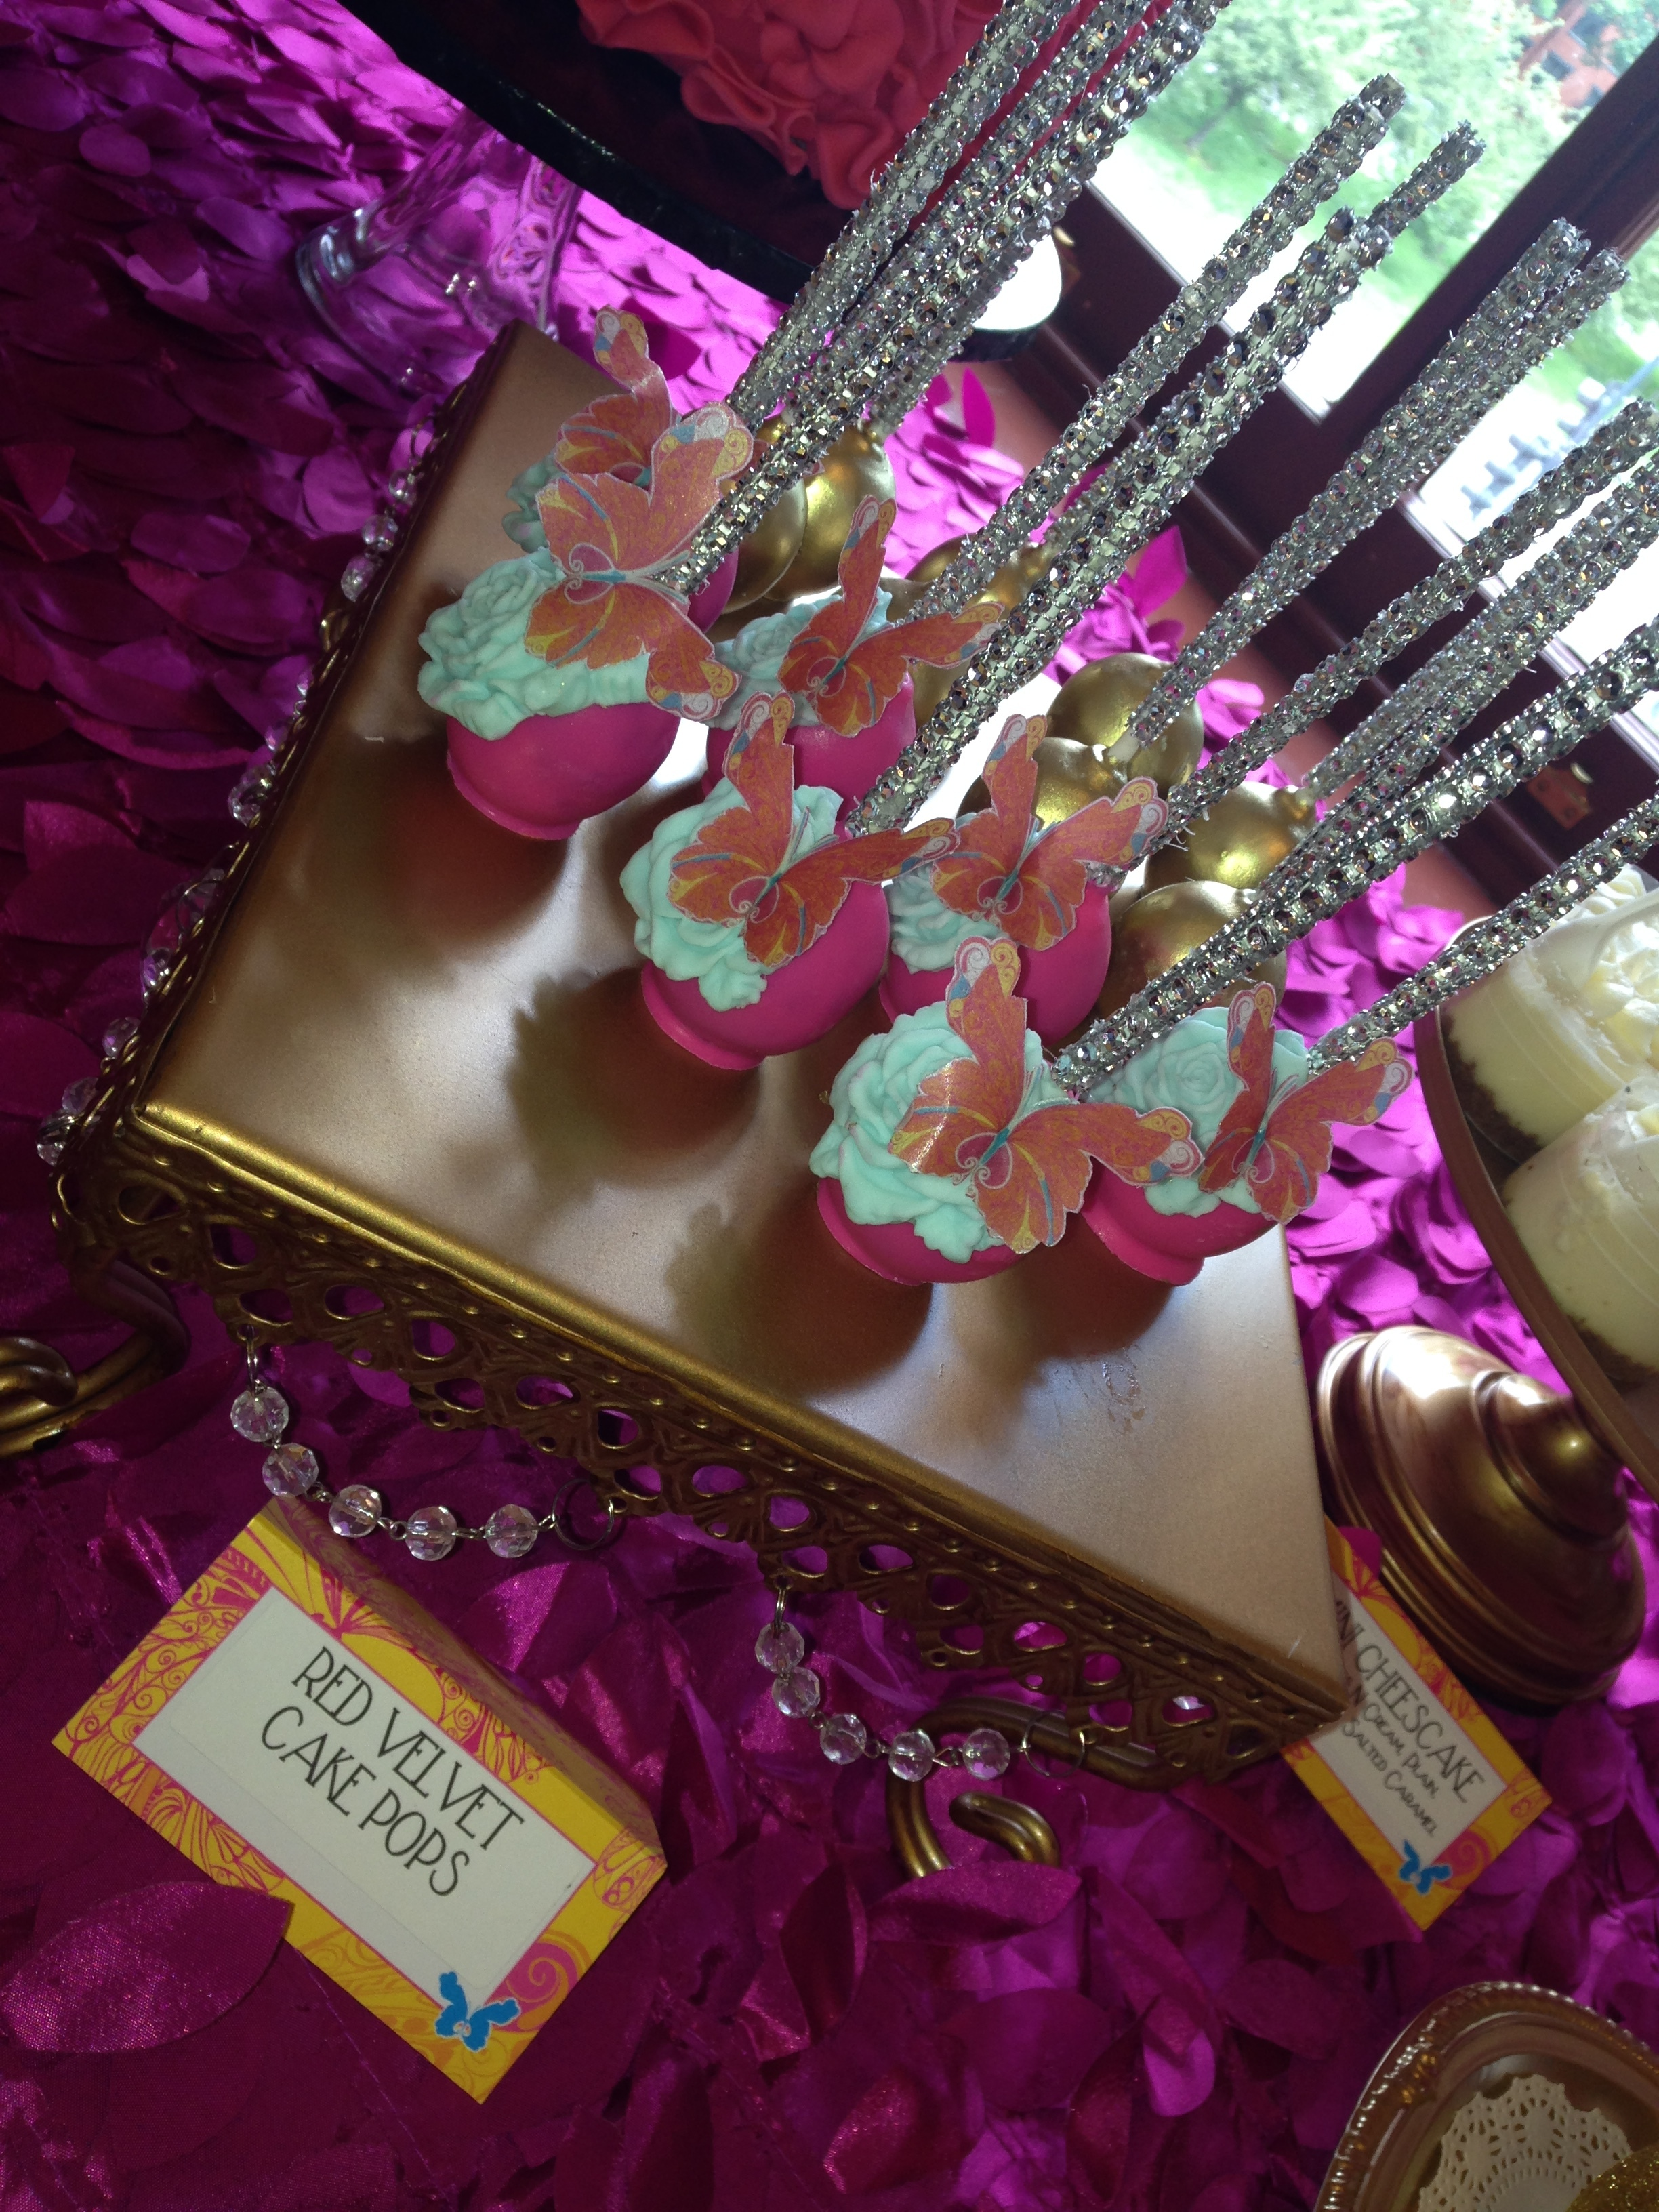 Festival Du Bebe Dessert Table - Cake Pops